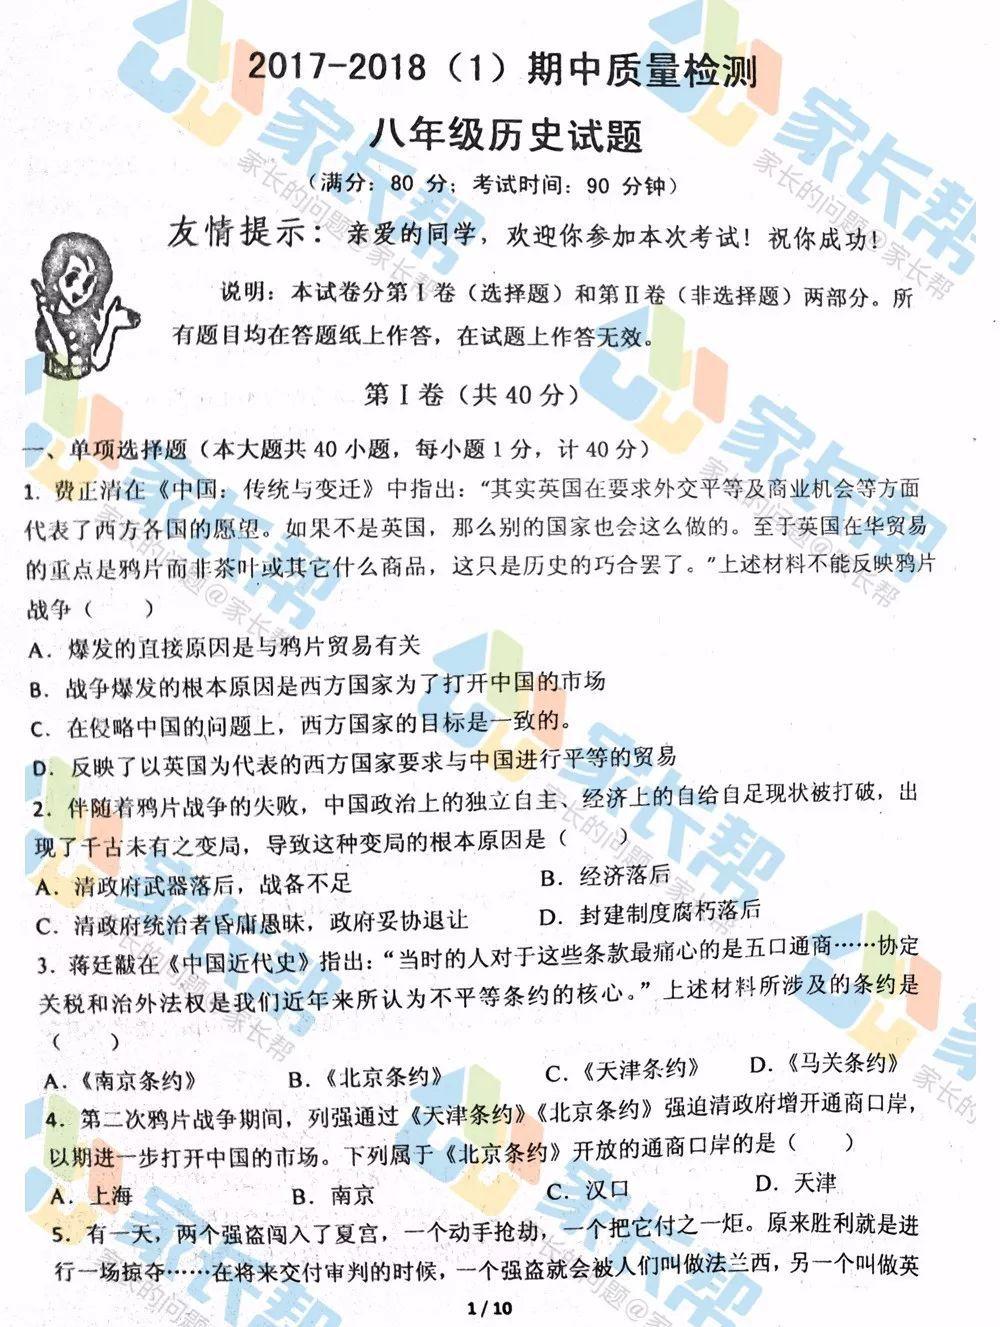 与大牛面对面 | 首届调度&容器技术沙龙(北京)报名启动!